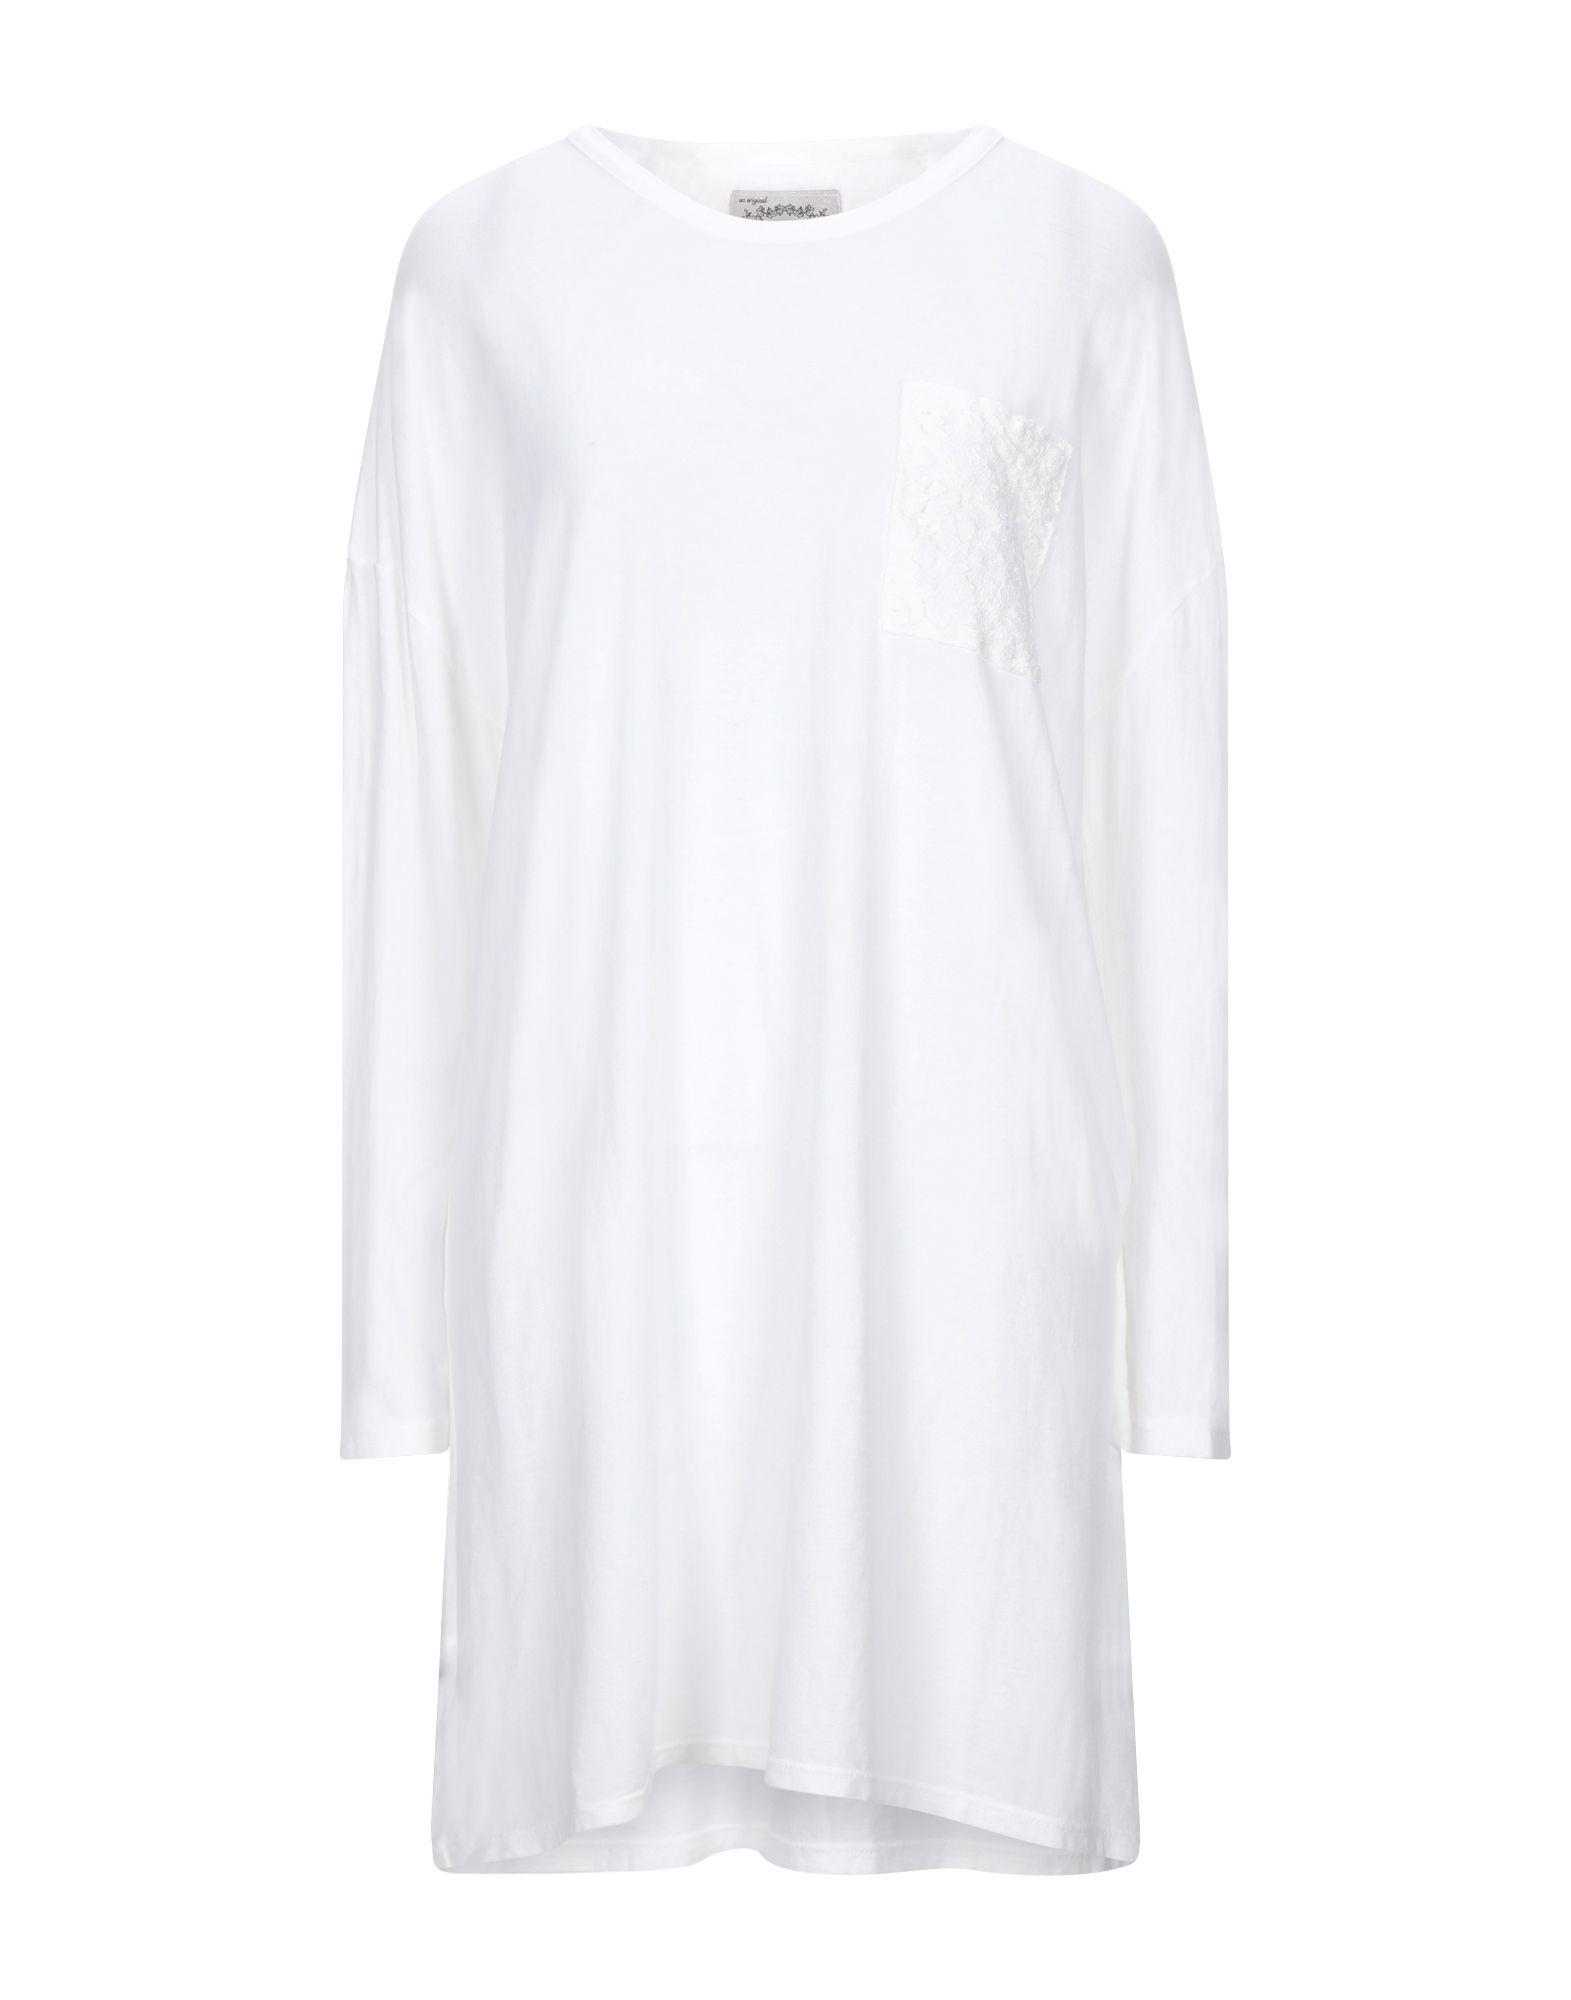 PINK MEMORIES Damen Kurzes Kleid Farbe Weiß Größe 5